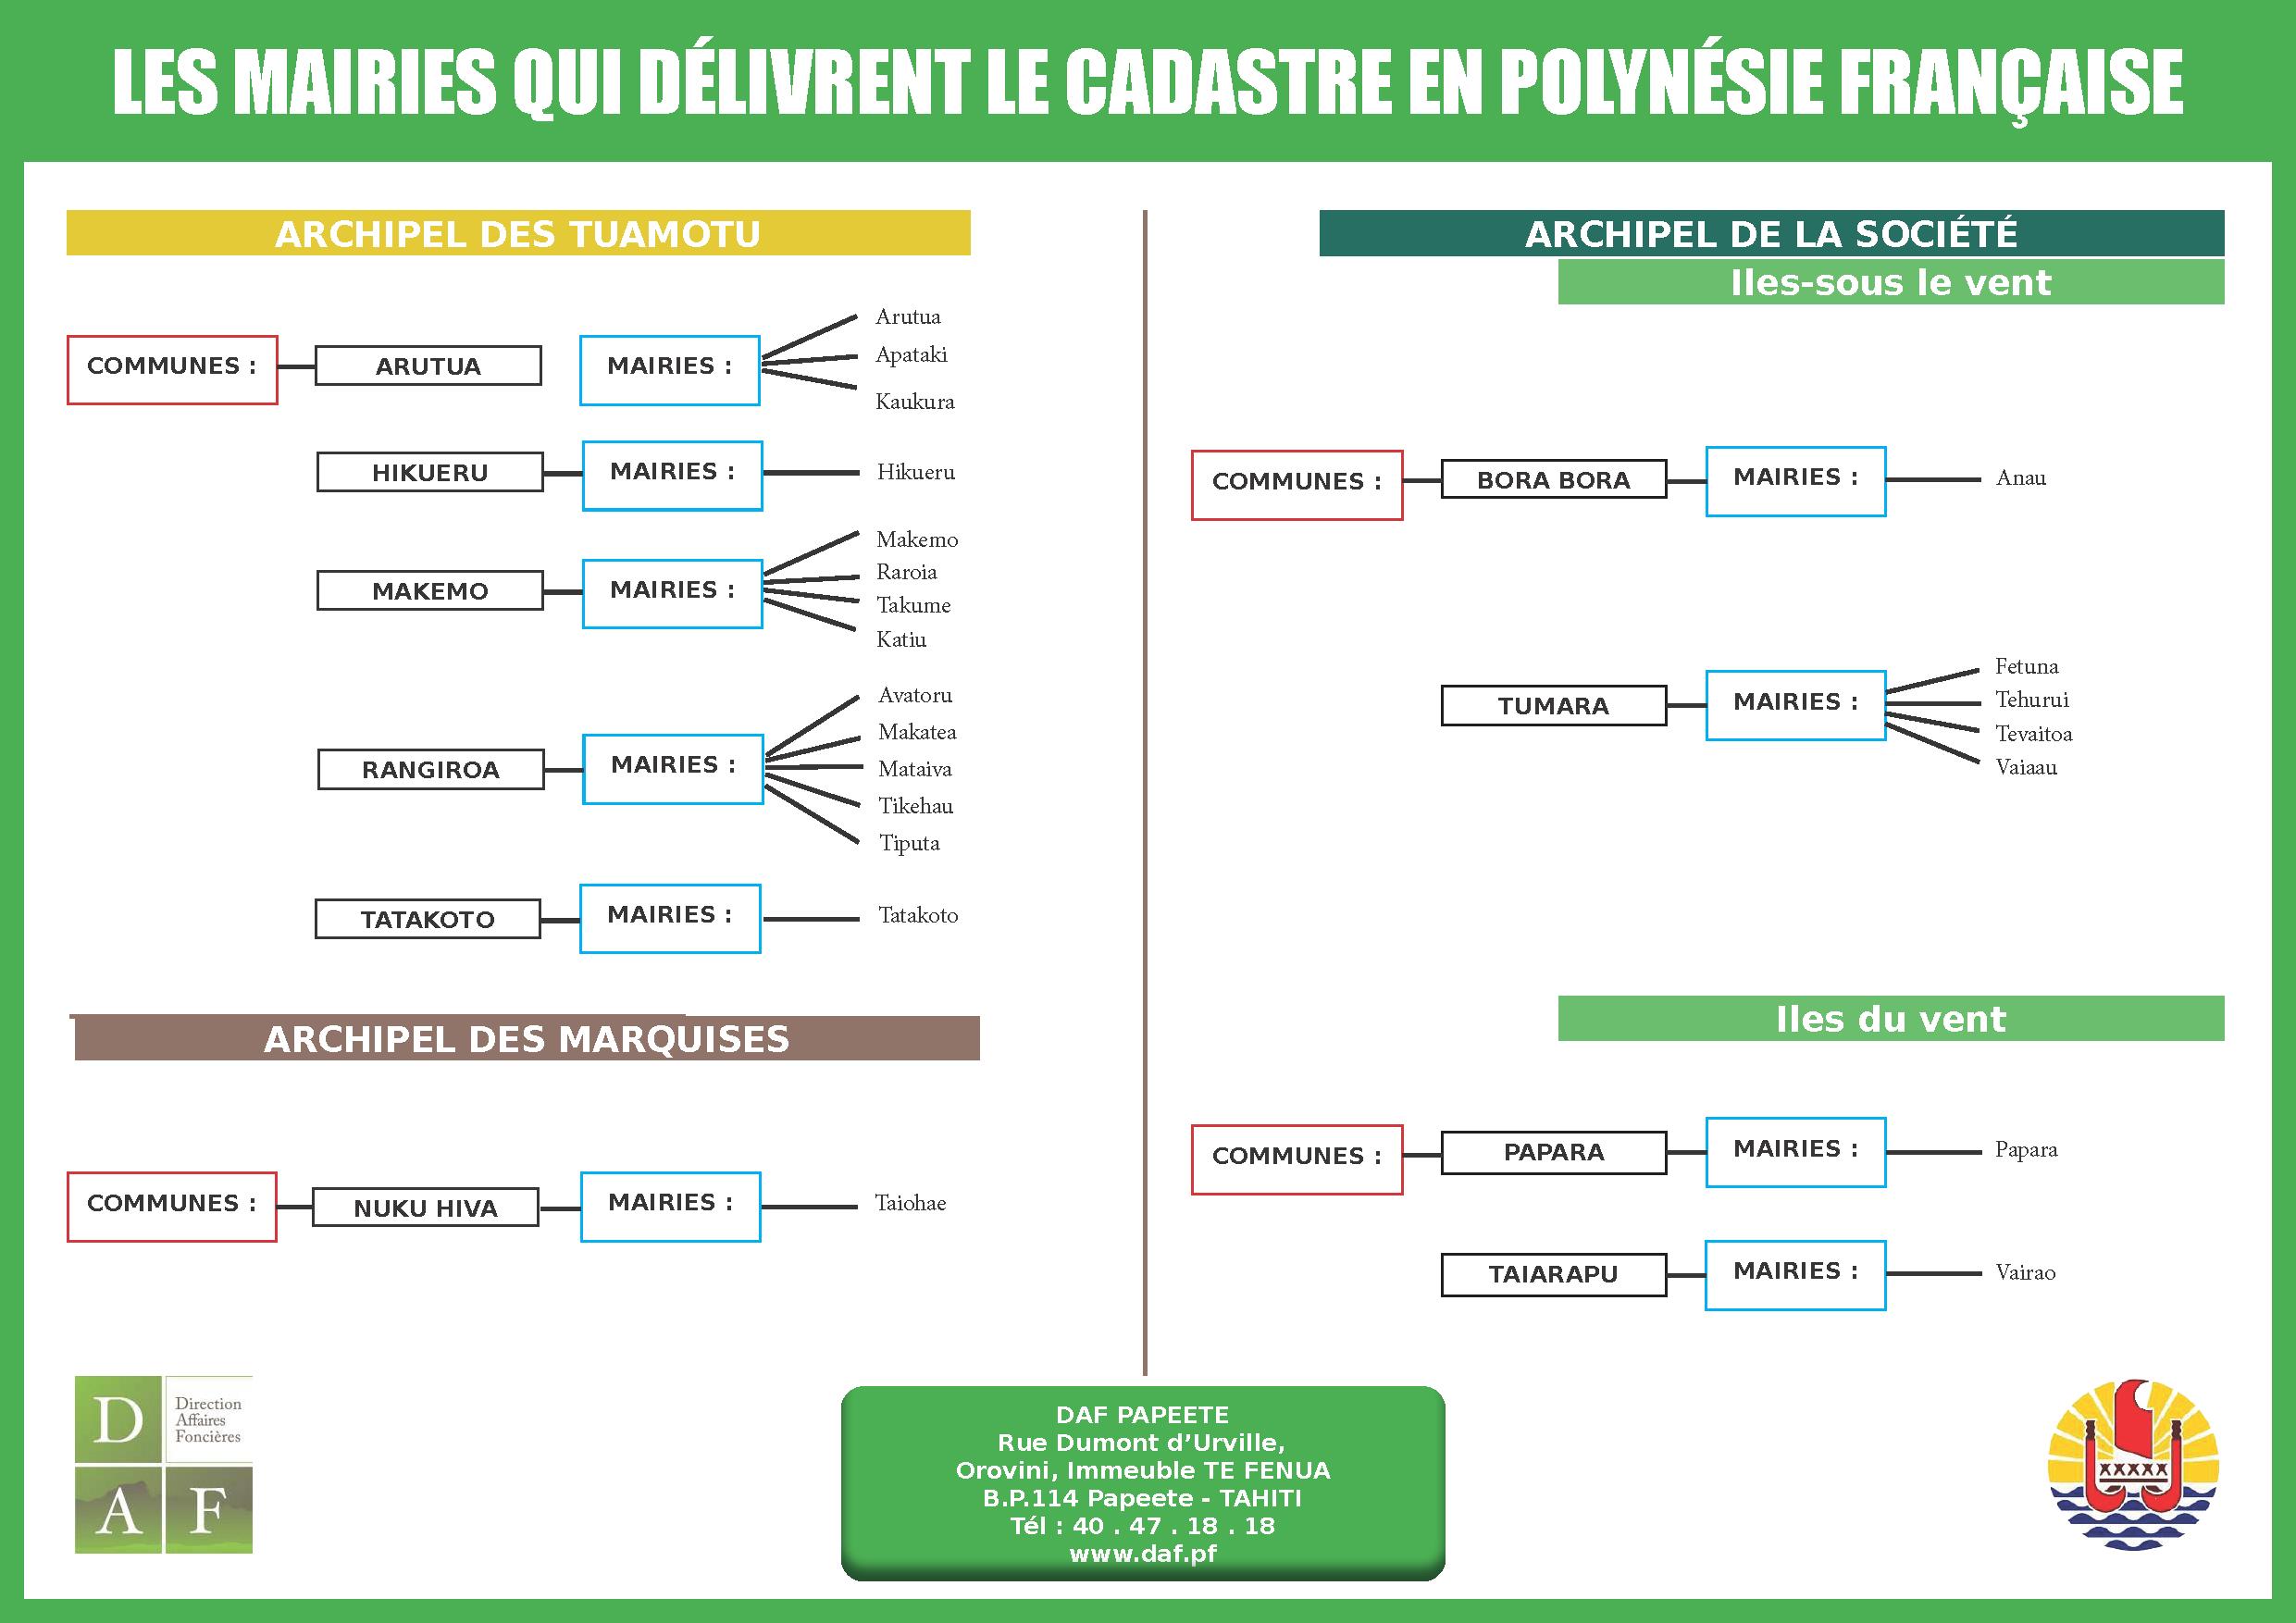 LES MAIRIES QUI DÉLIVRENT LE CADASTRE EN POLYNÉSIE FRANÇAISE